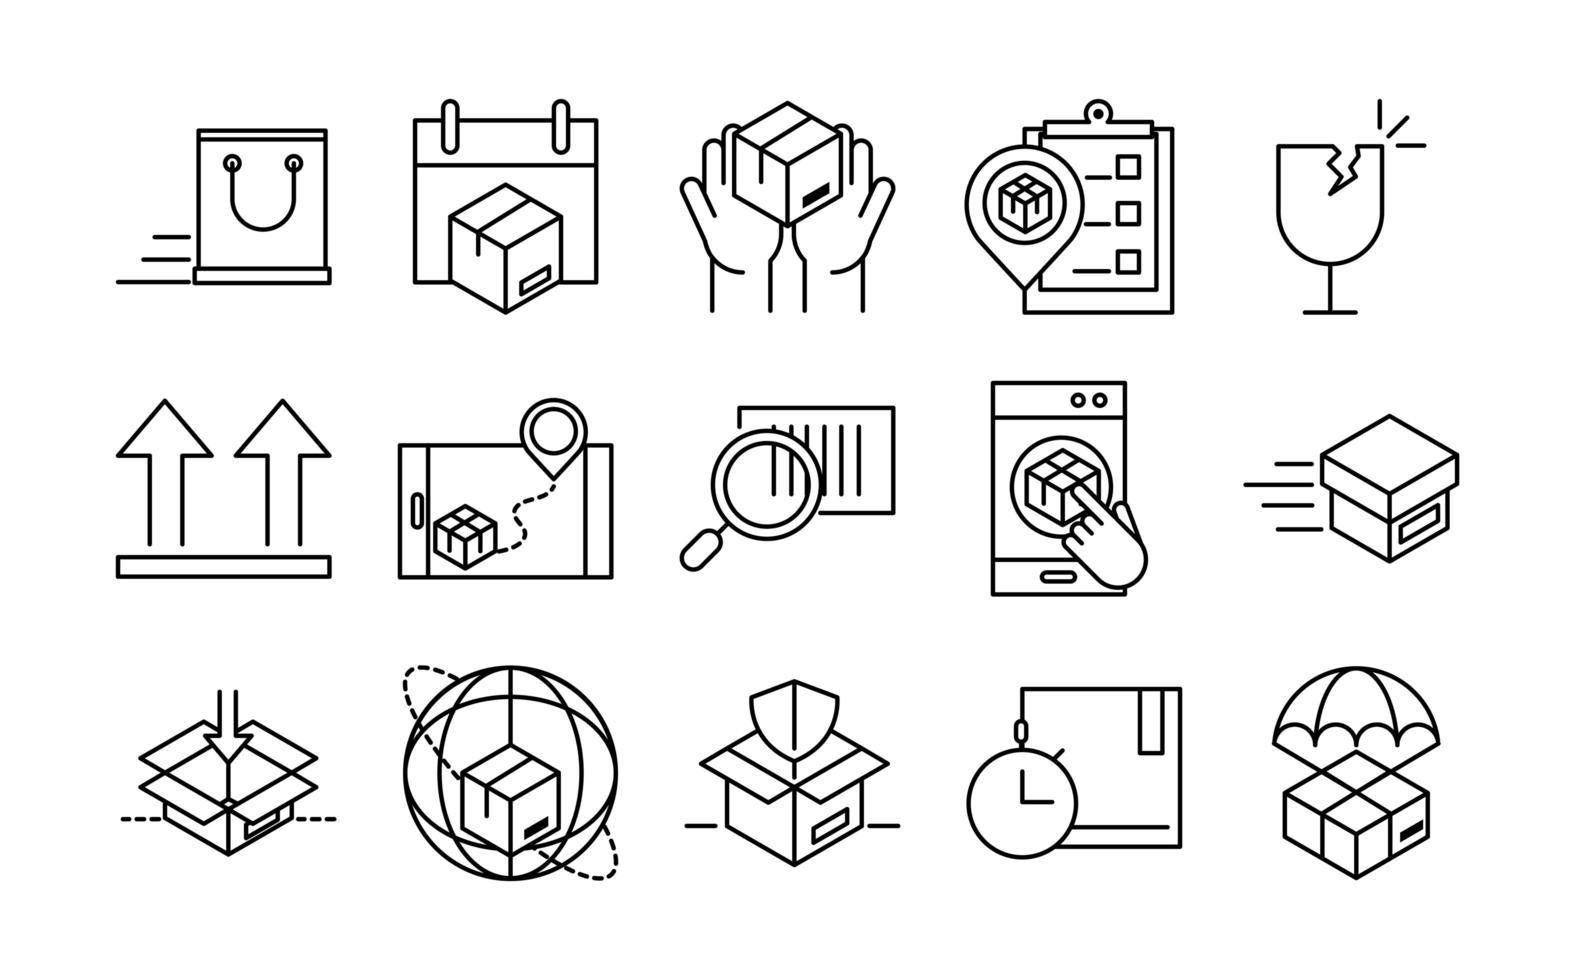 leverans och logistik ikoner vektor